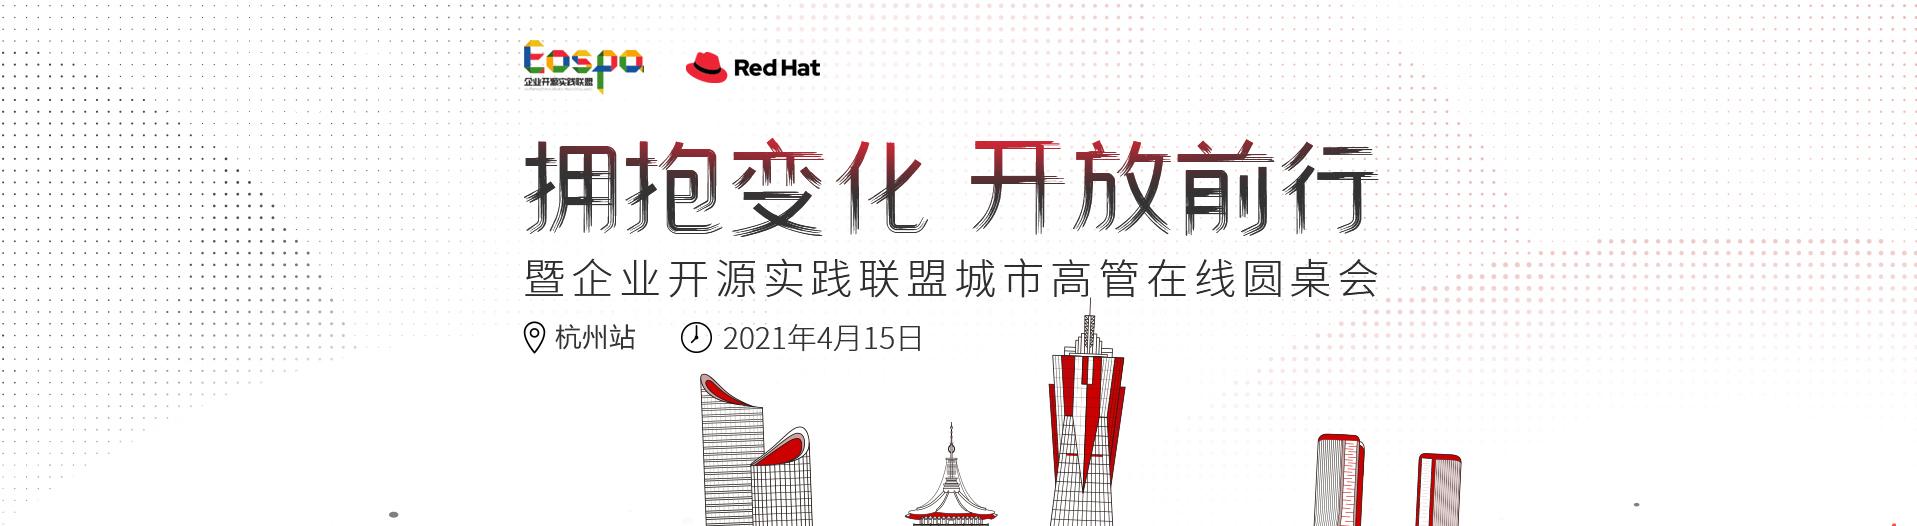 企业开源实践联盟城市高管在线圆桌会-杭州站